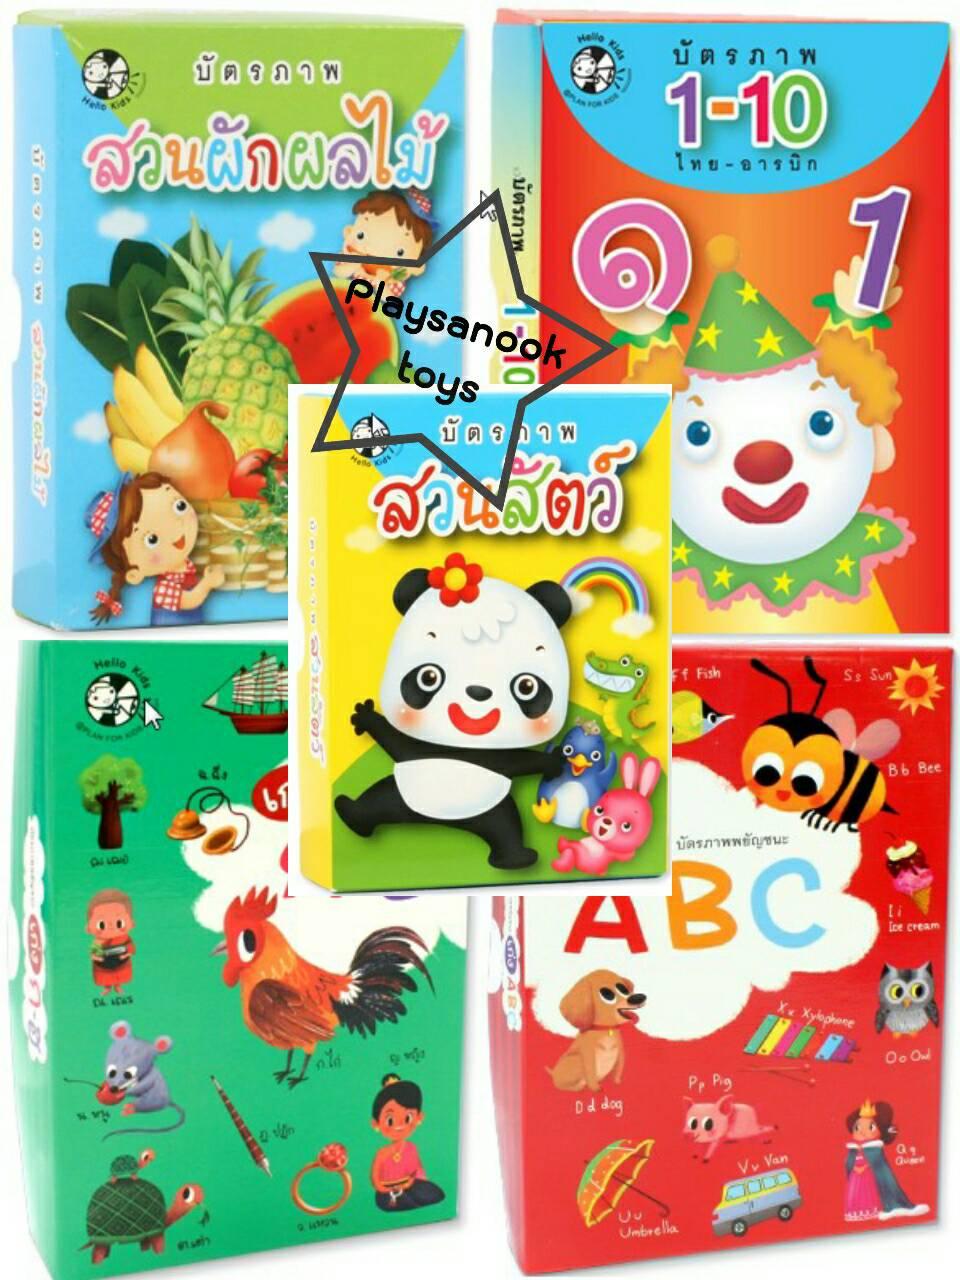 PBP-159 บัตรภาพแห่งการเรียนรู้ 1 ชุดมี 5 เล่ม